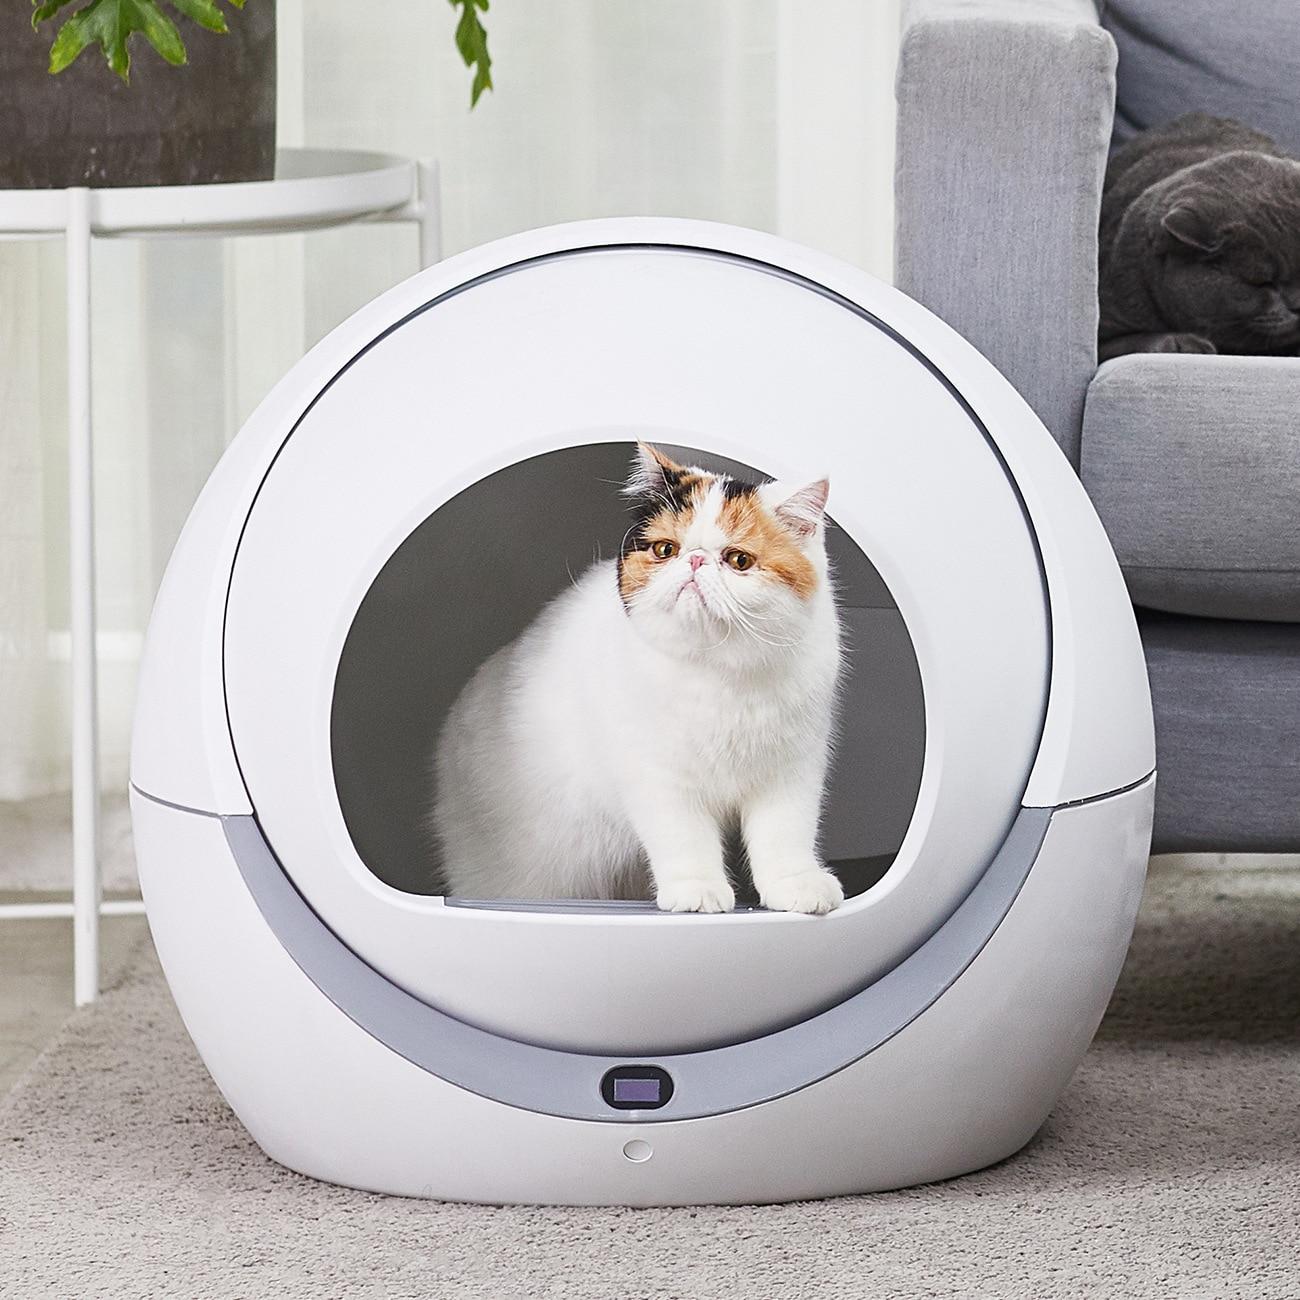 Caixa de areia do toalete do gato gato automática indução rotativa de limpeza automática robô gato ninhada grande gatinho auto limpeza da caixa de maca